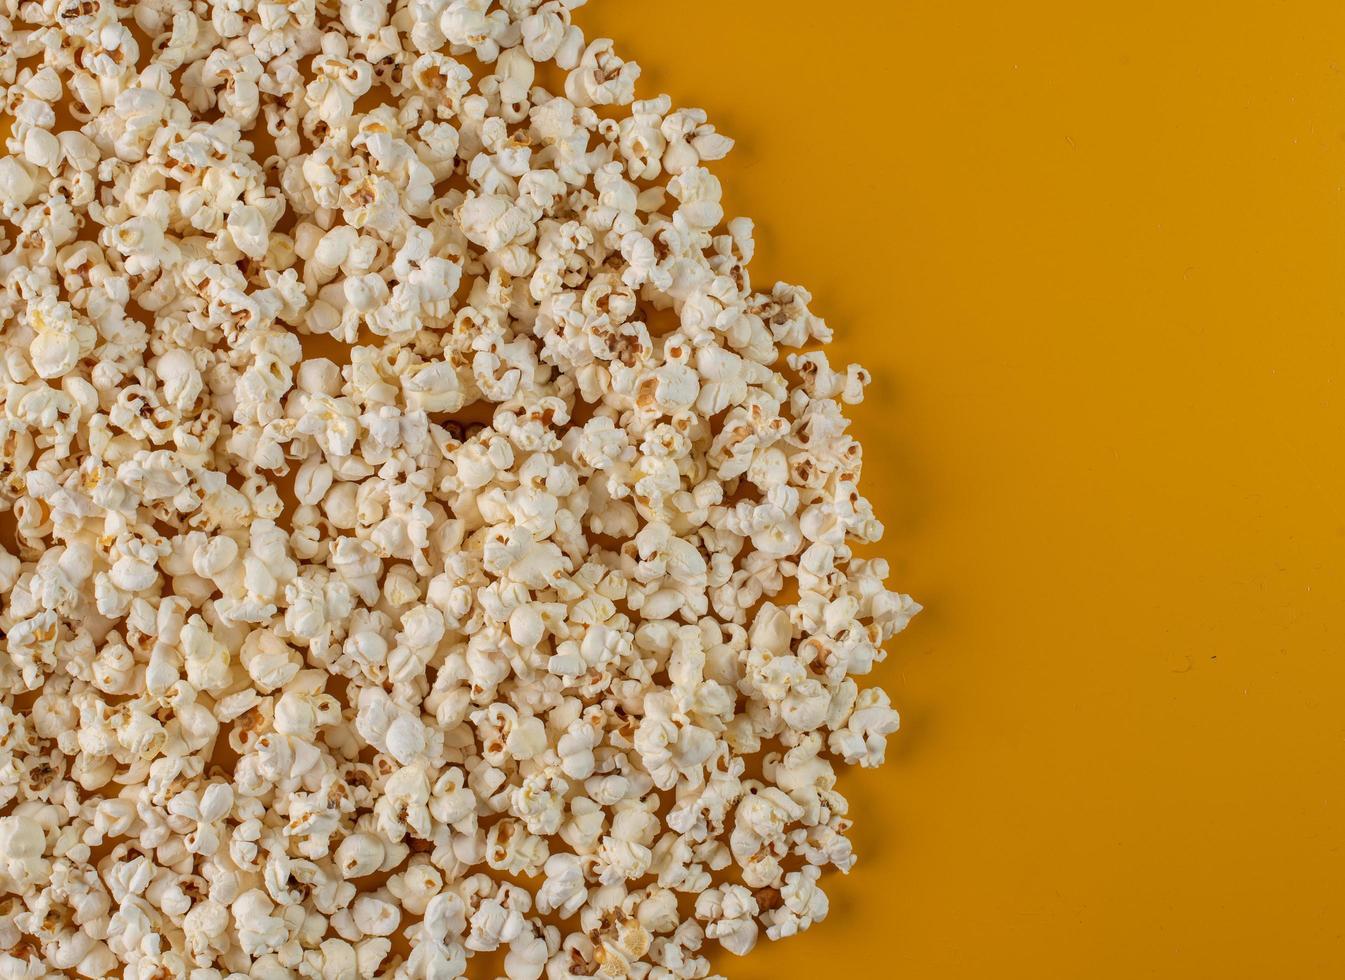 vista superior de palomitas de maíz foto